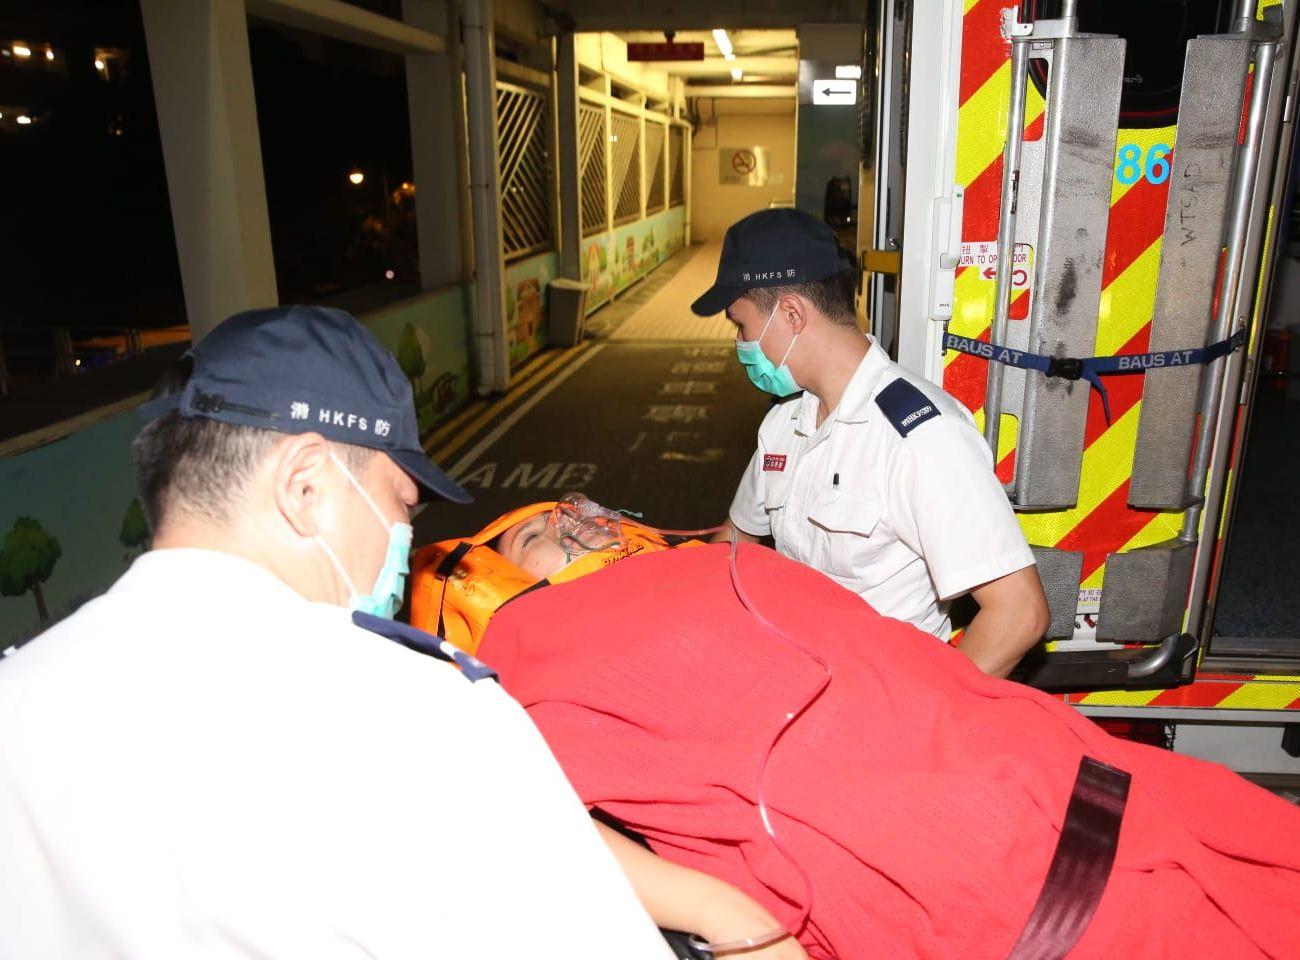 女途人腳部受傷但清醒,並送往伊利沙伯醫院。